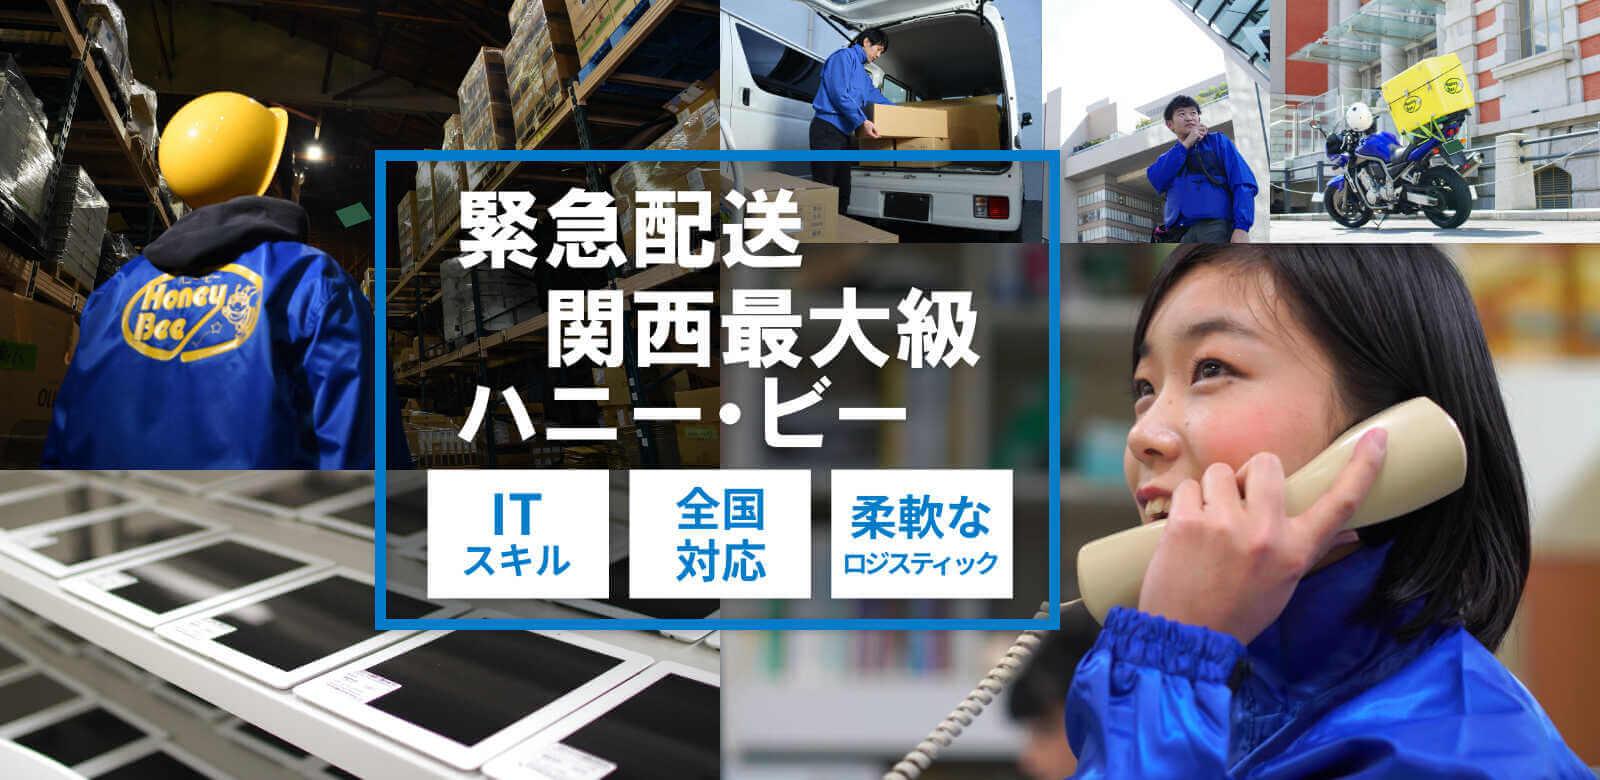 緊急配送 関⻄最⼤級 ハニー‧ビー ITスキル/全国対応/柔軟なロジスティック